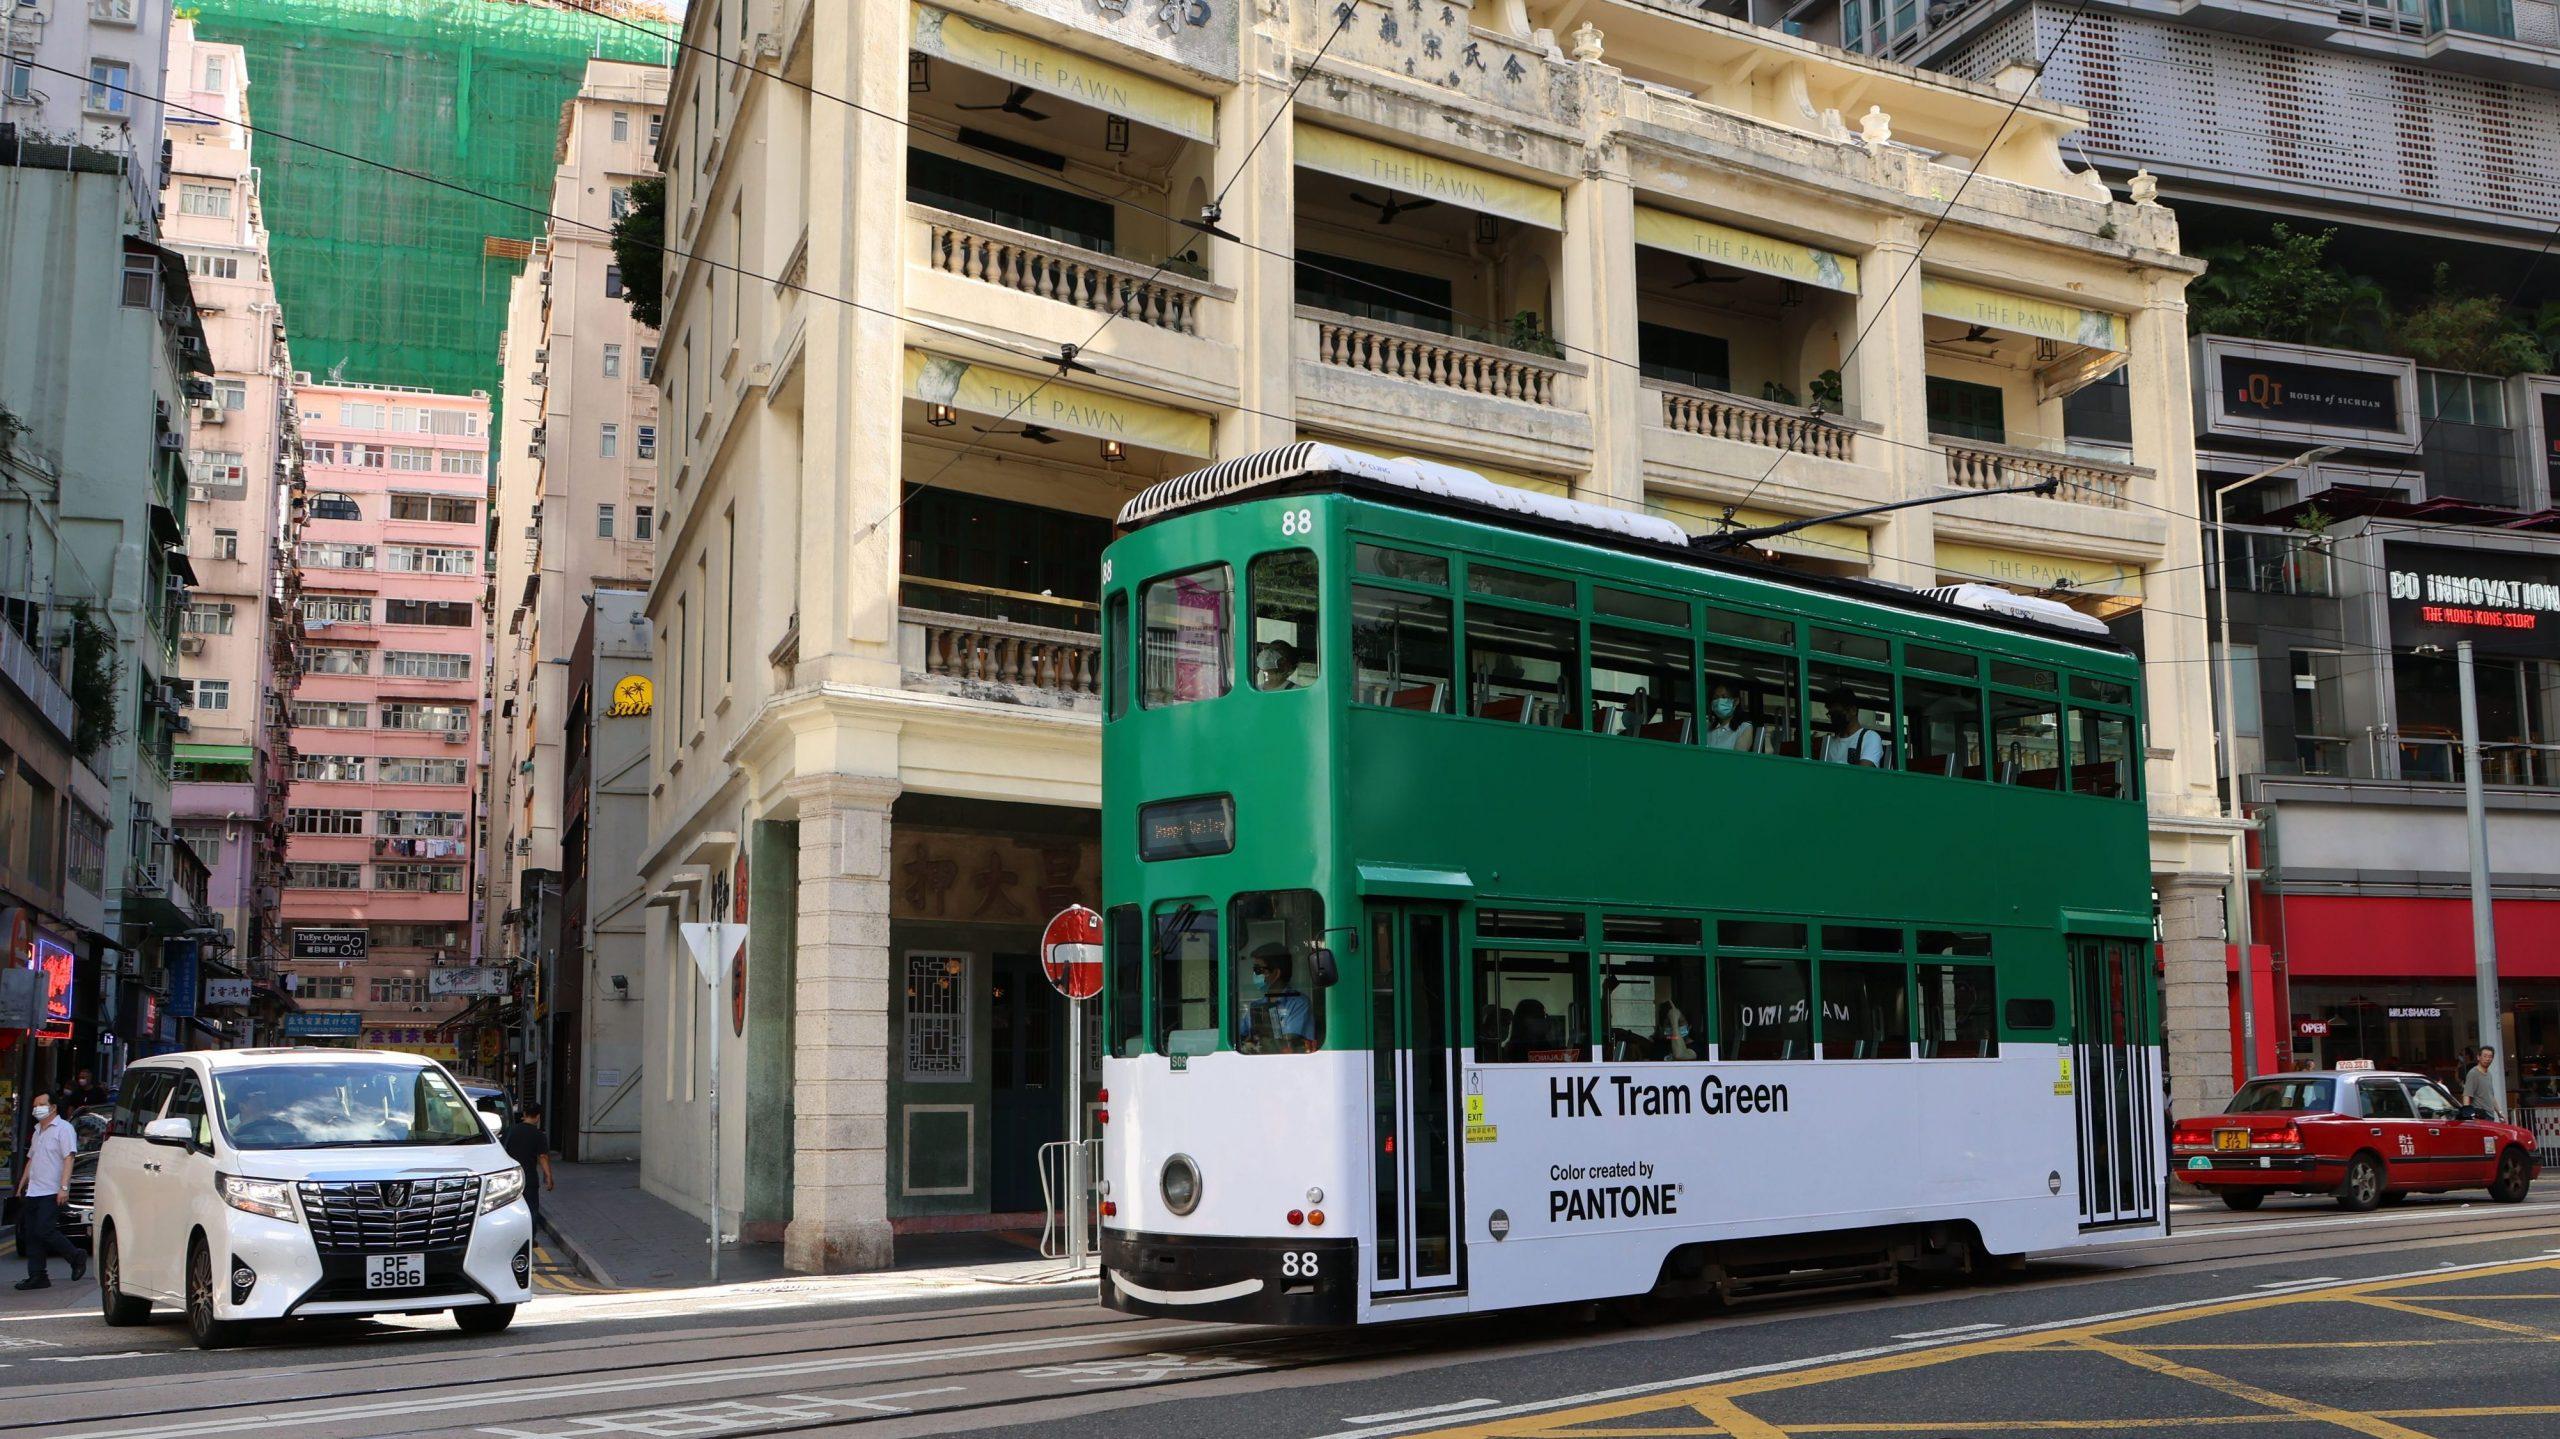 hk tram green pantone